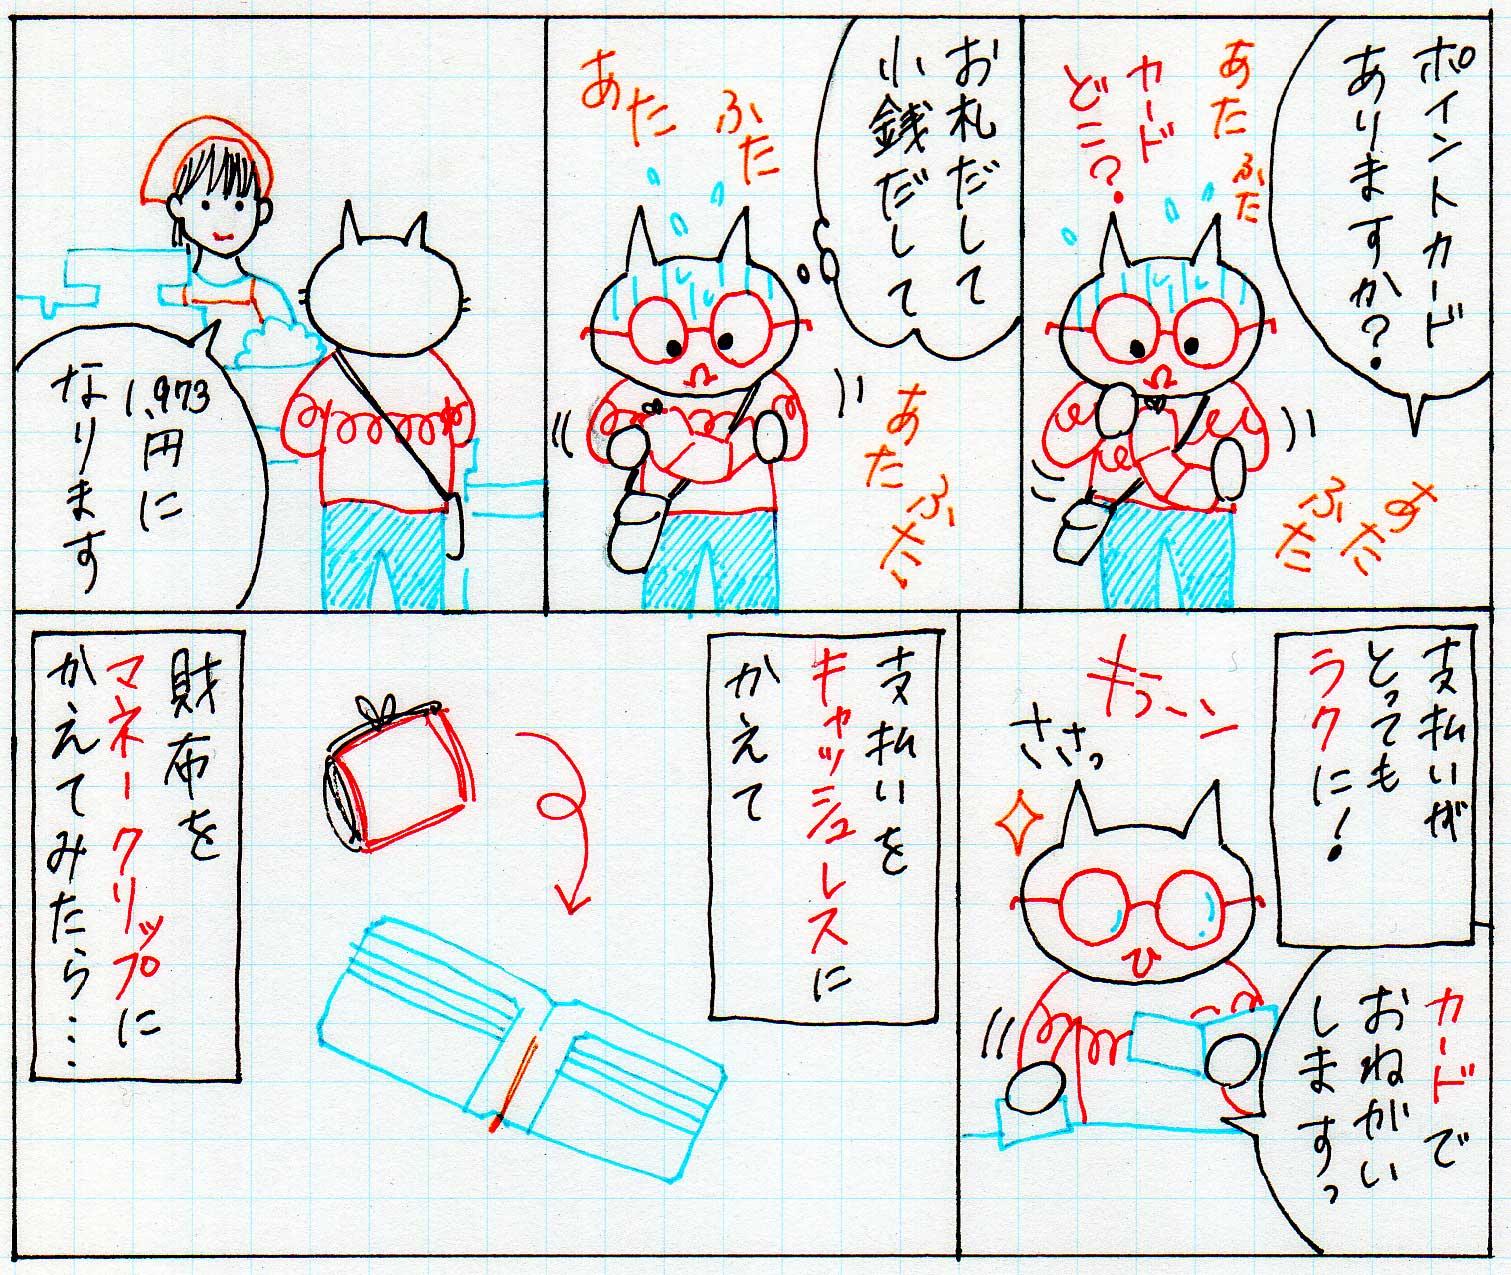 財布の漫画